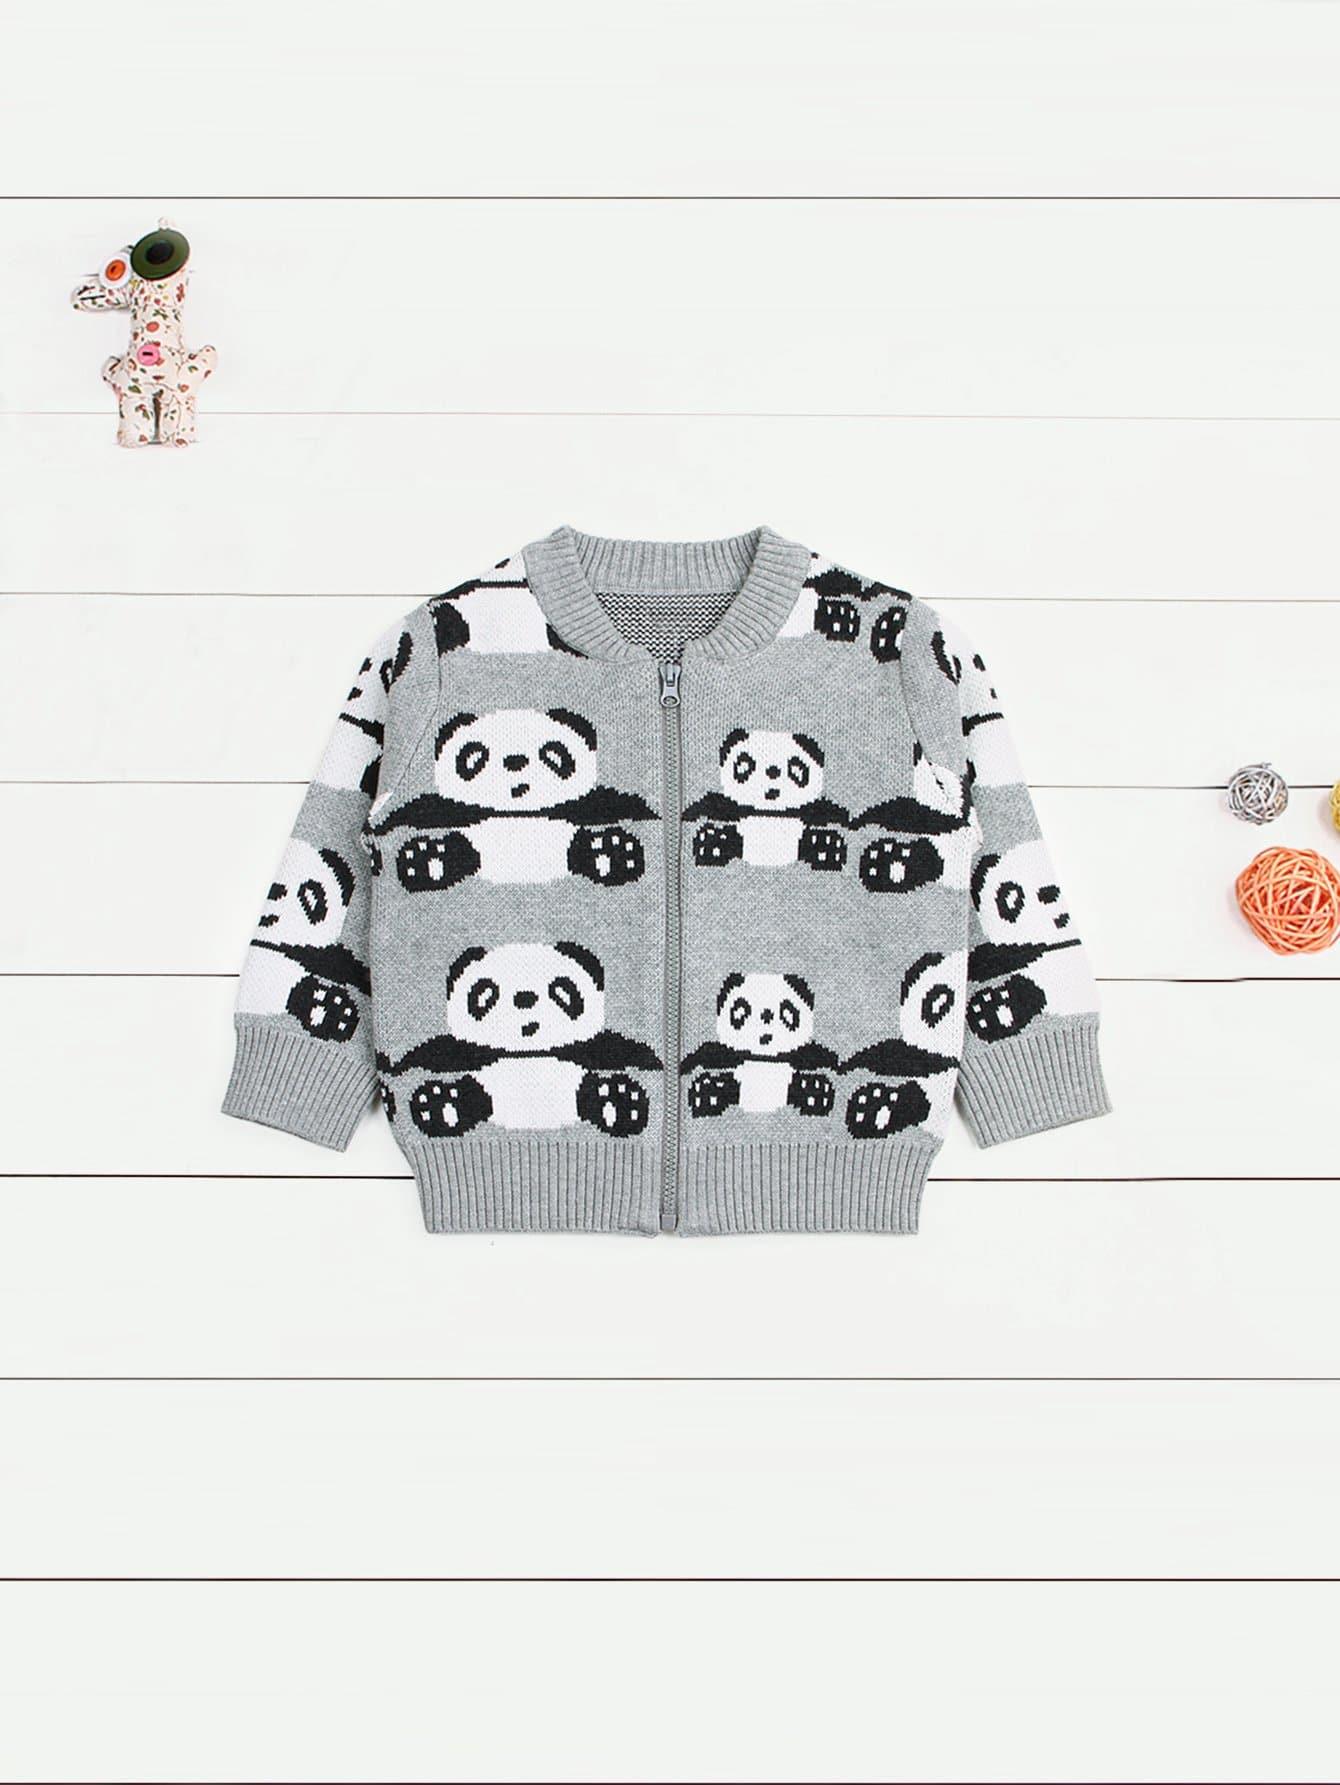 Купить Для маленьких мальчиков свитер пальто с пандой, null, SheIn